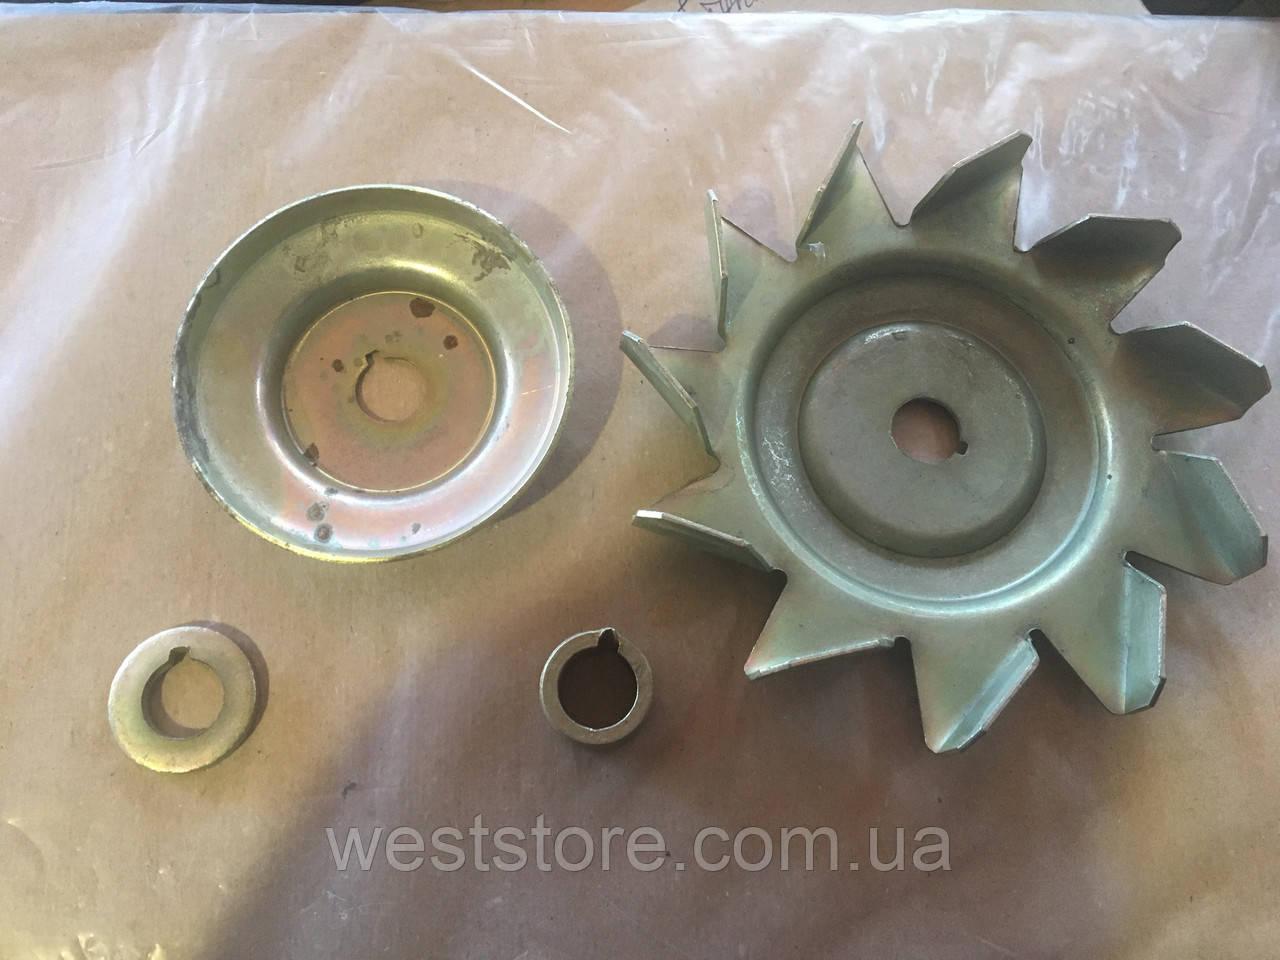 Шкив генератора Ваз 2101-2107,2108,2109.разборной